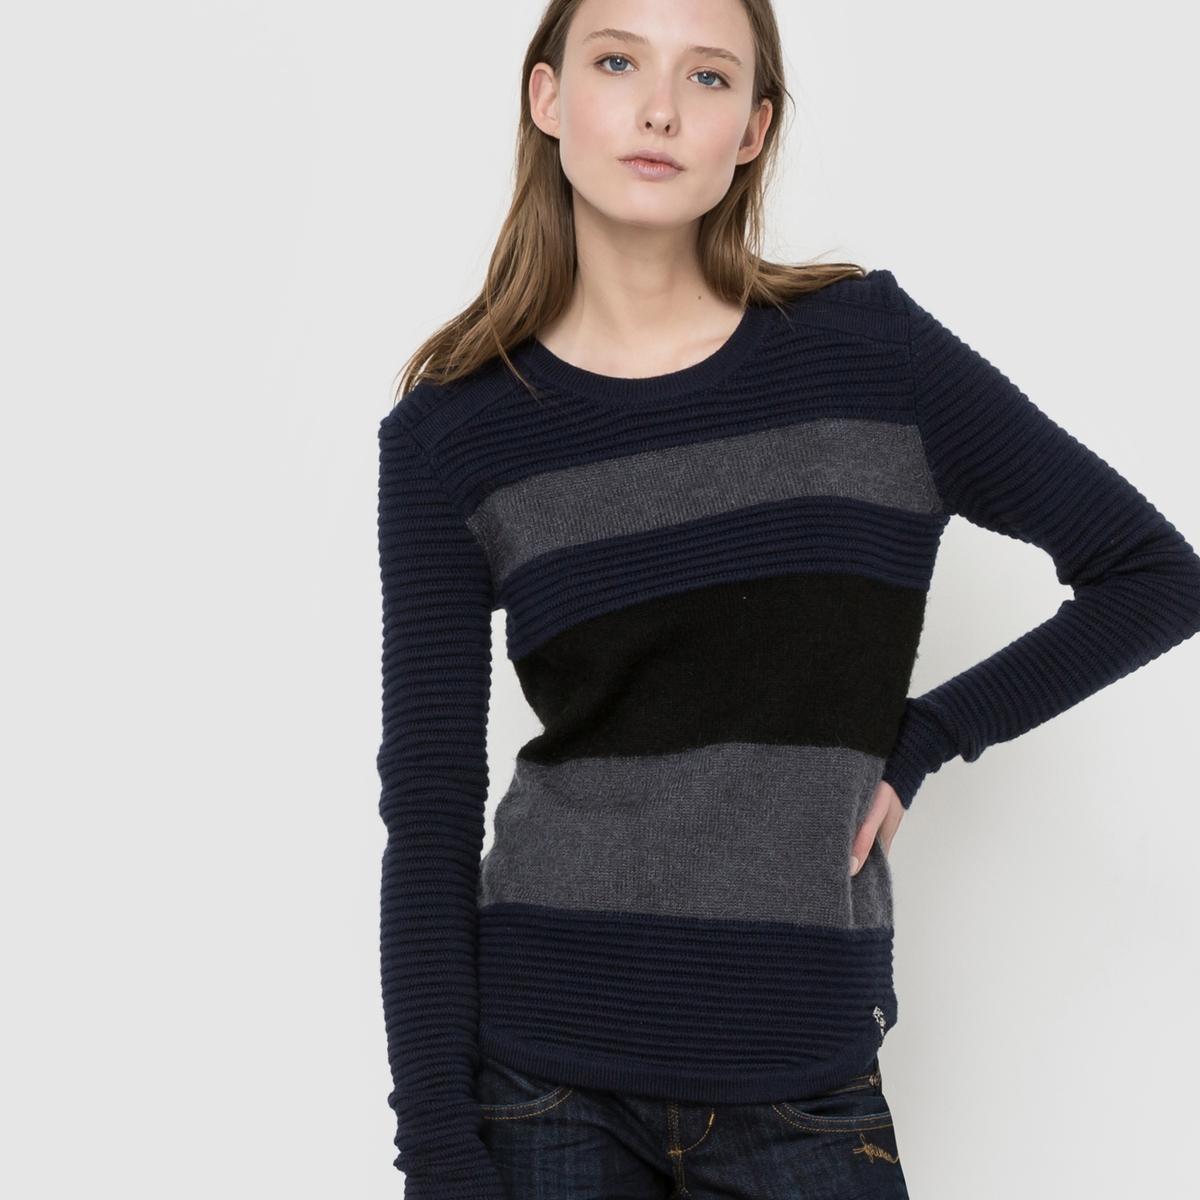 Пуловер в полоску с длинными рукавамиУходРучная стирка.Сушить на горизонтальной поверхности в расправленном состоянии.Гладить при температуре не выше 110°C.Сухая (химическая) чистка разрешена.<br><br>Цвет: темно-синий/ серый<br>Размер: M